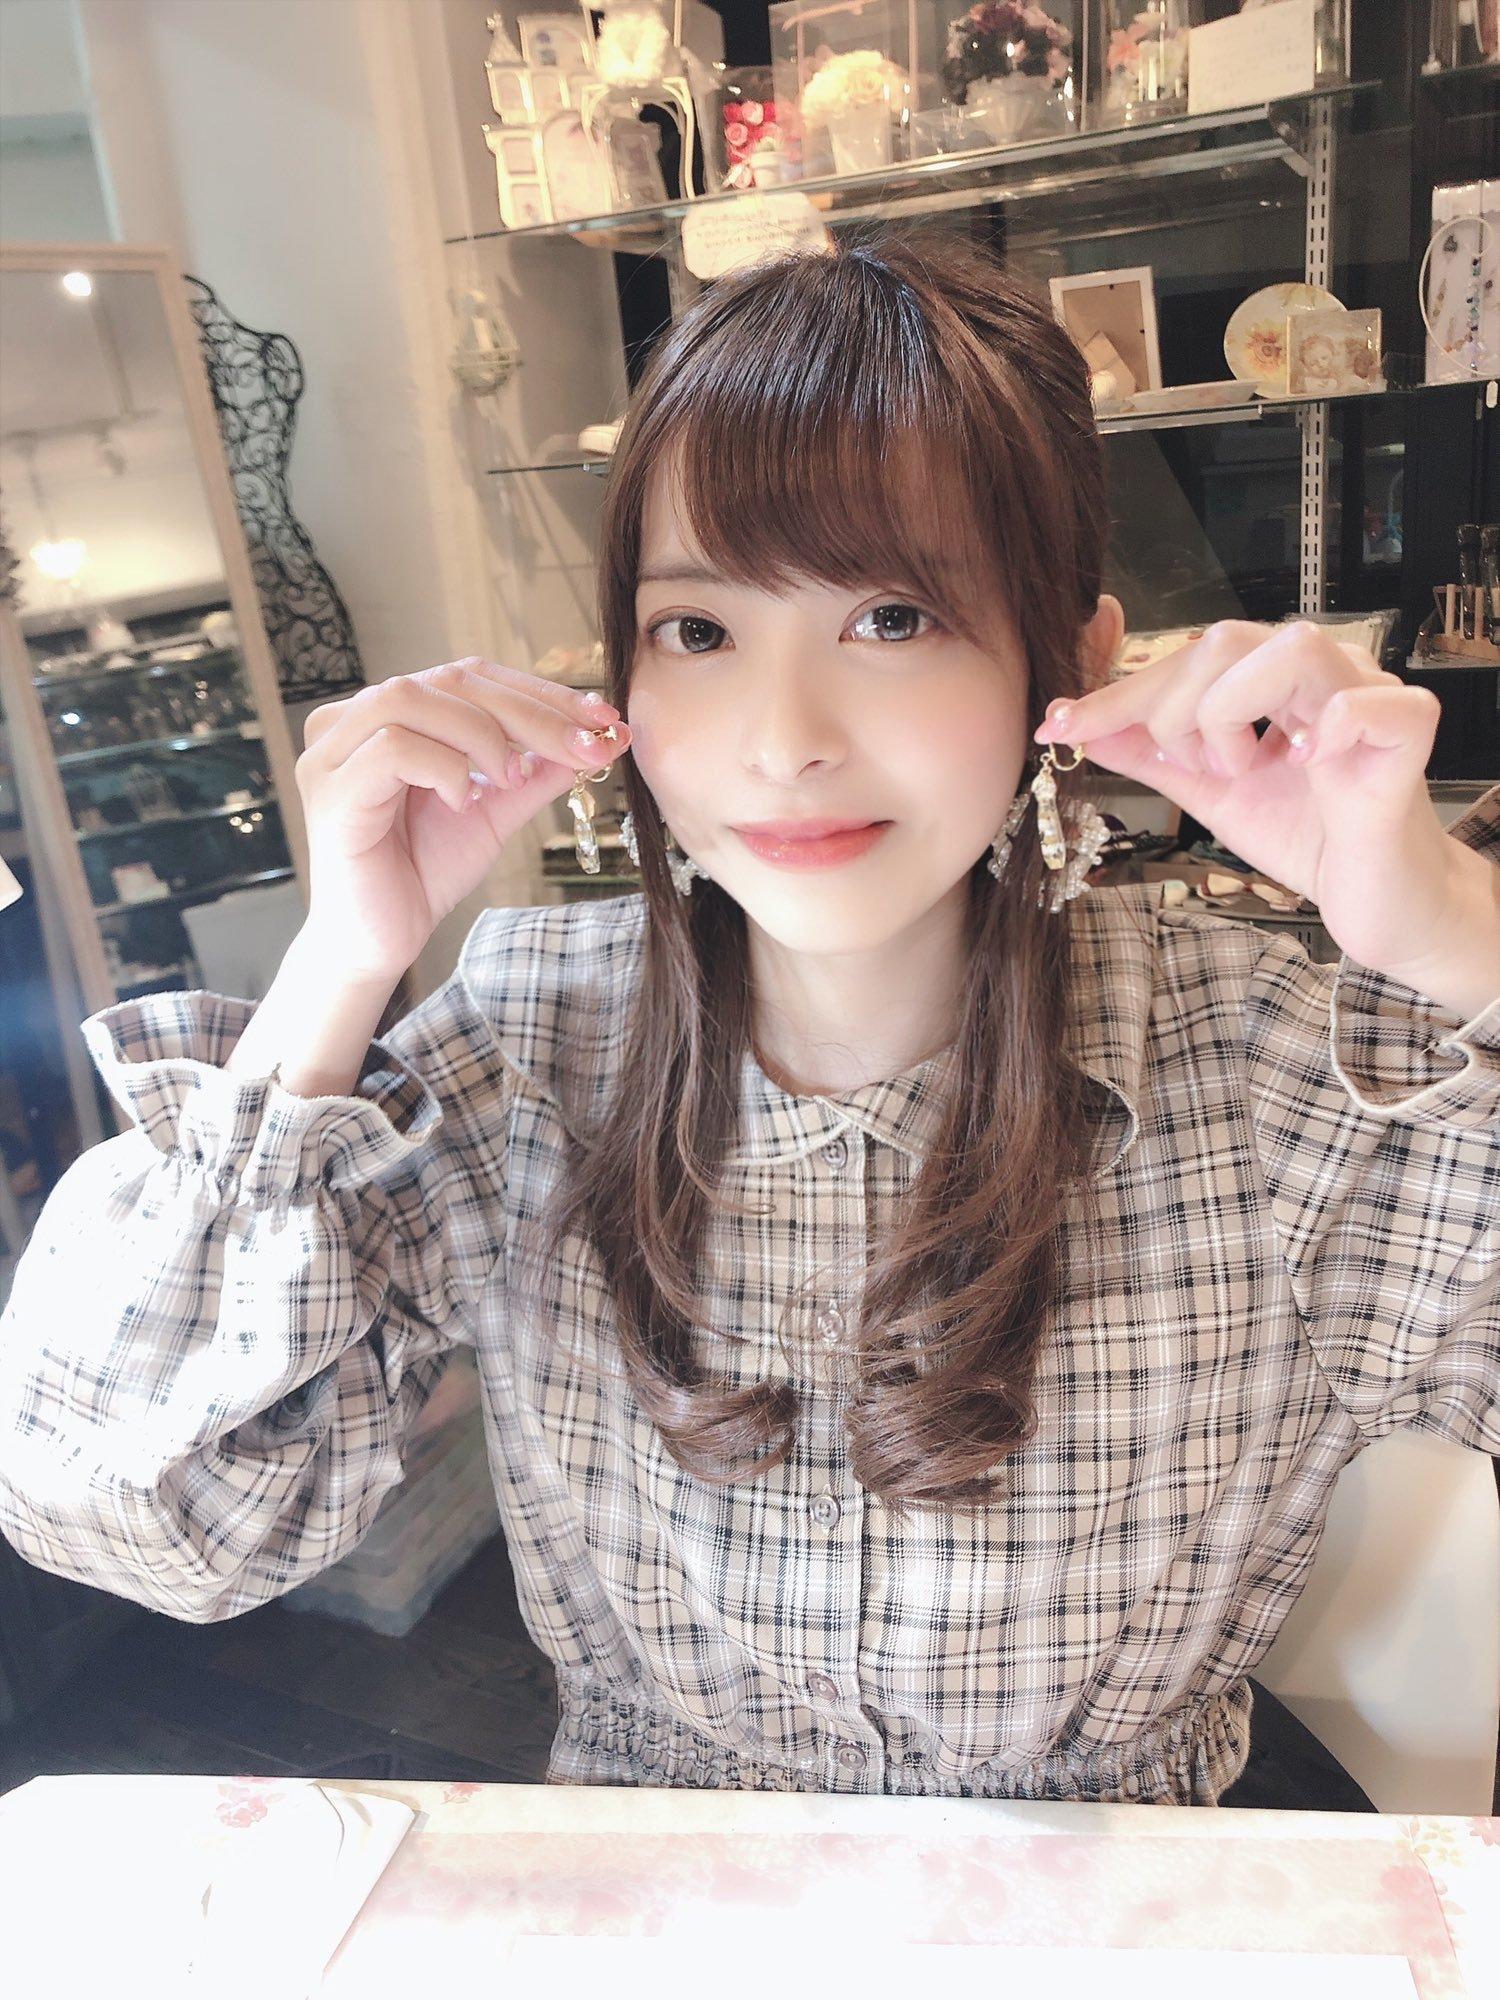 moko_sakura3 1232151695418748929_p0